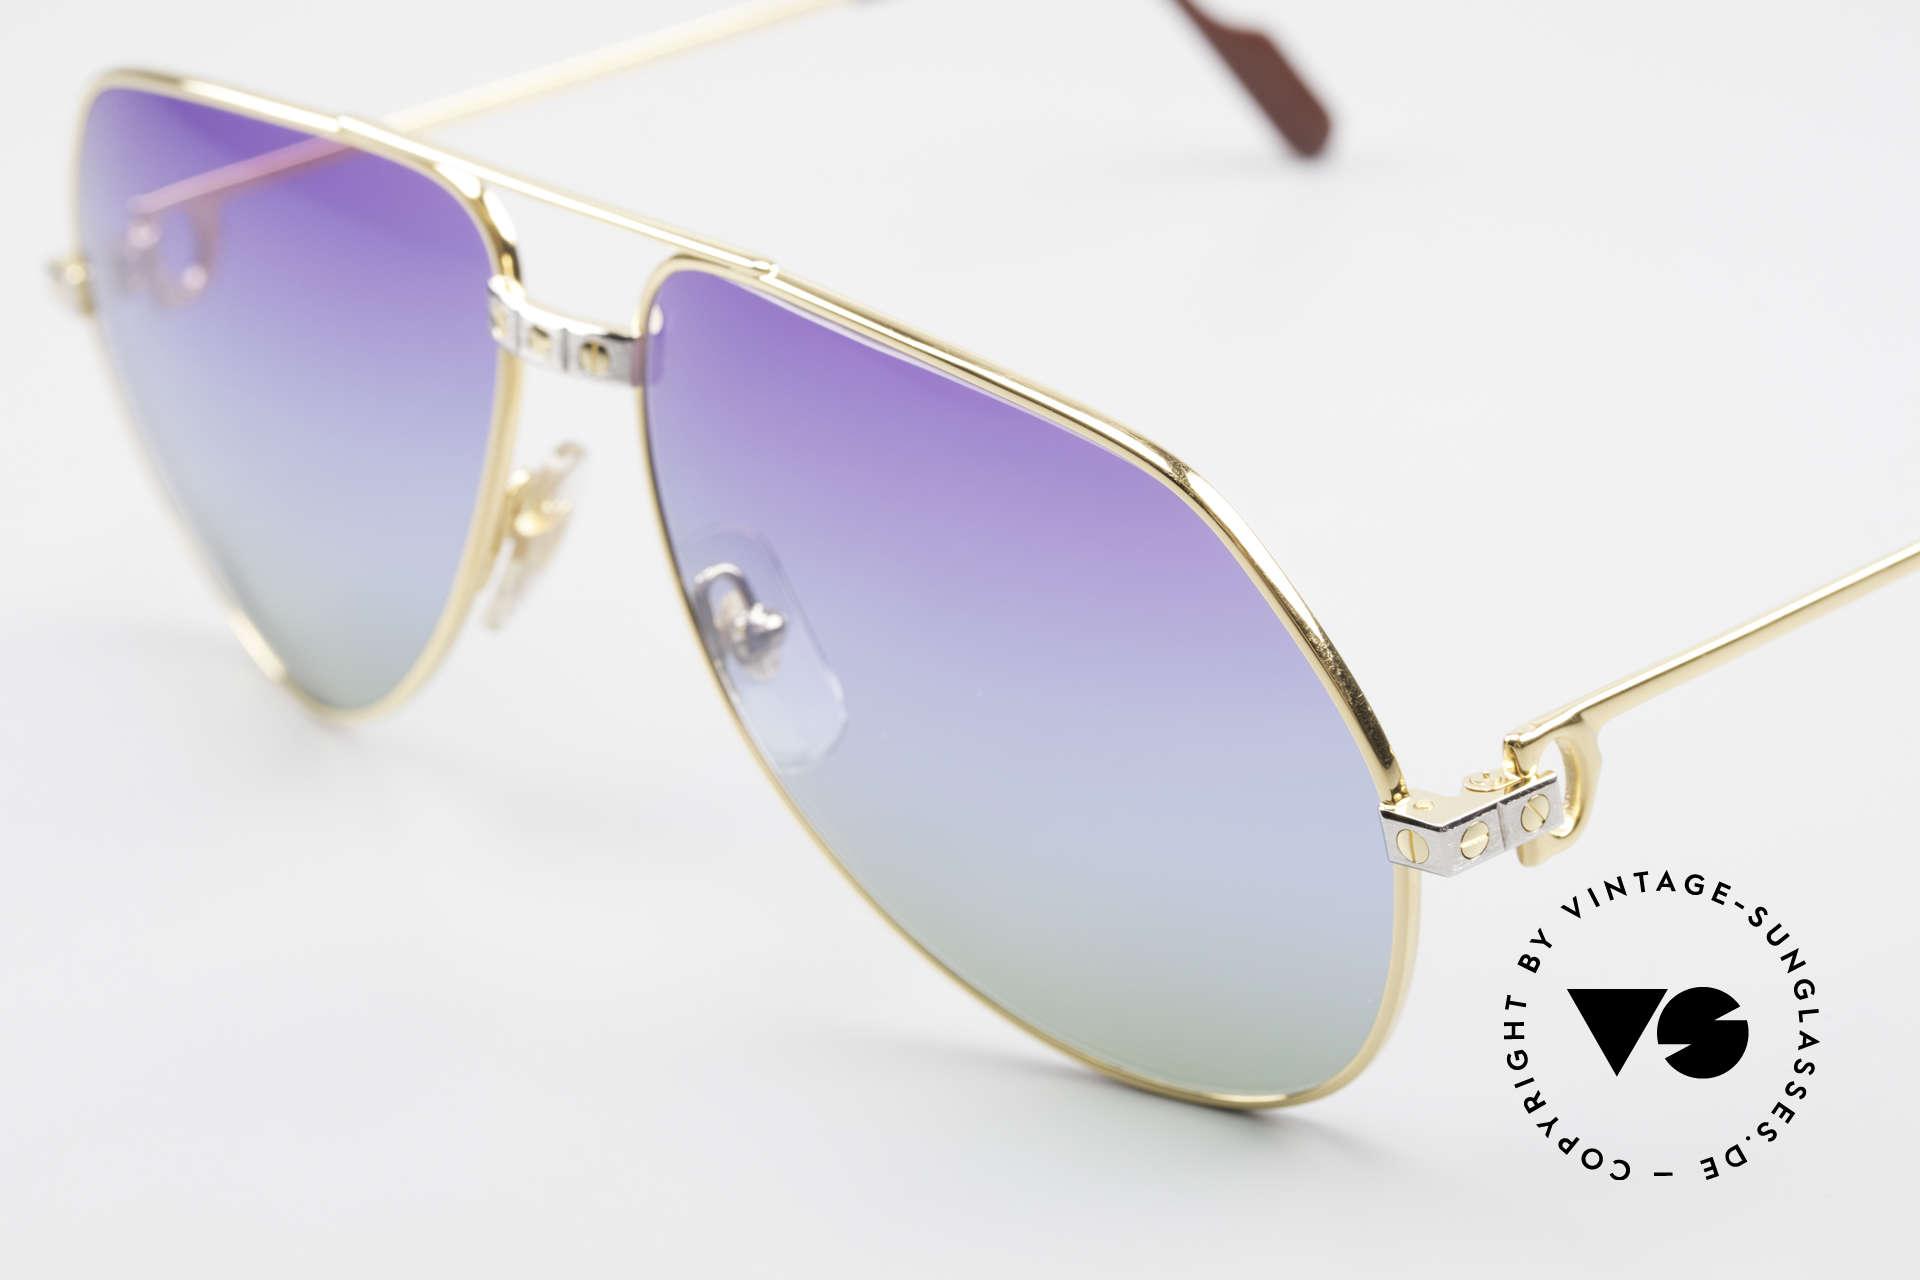 Cartier Vendome Santos - L Customized Purple Polar Lights, unique triple gradient sun lenses: purple polar lights, Made for Men